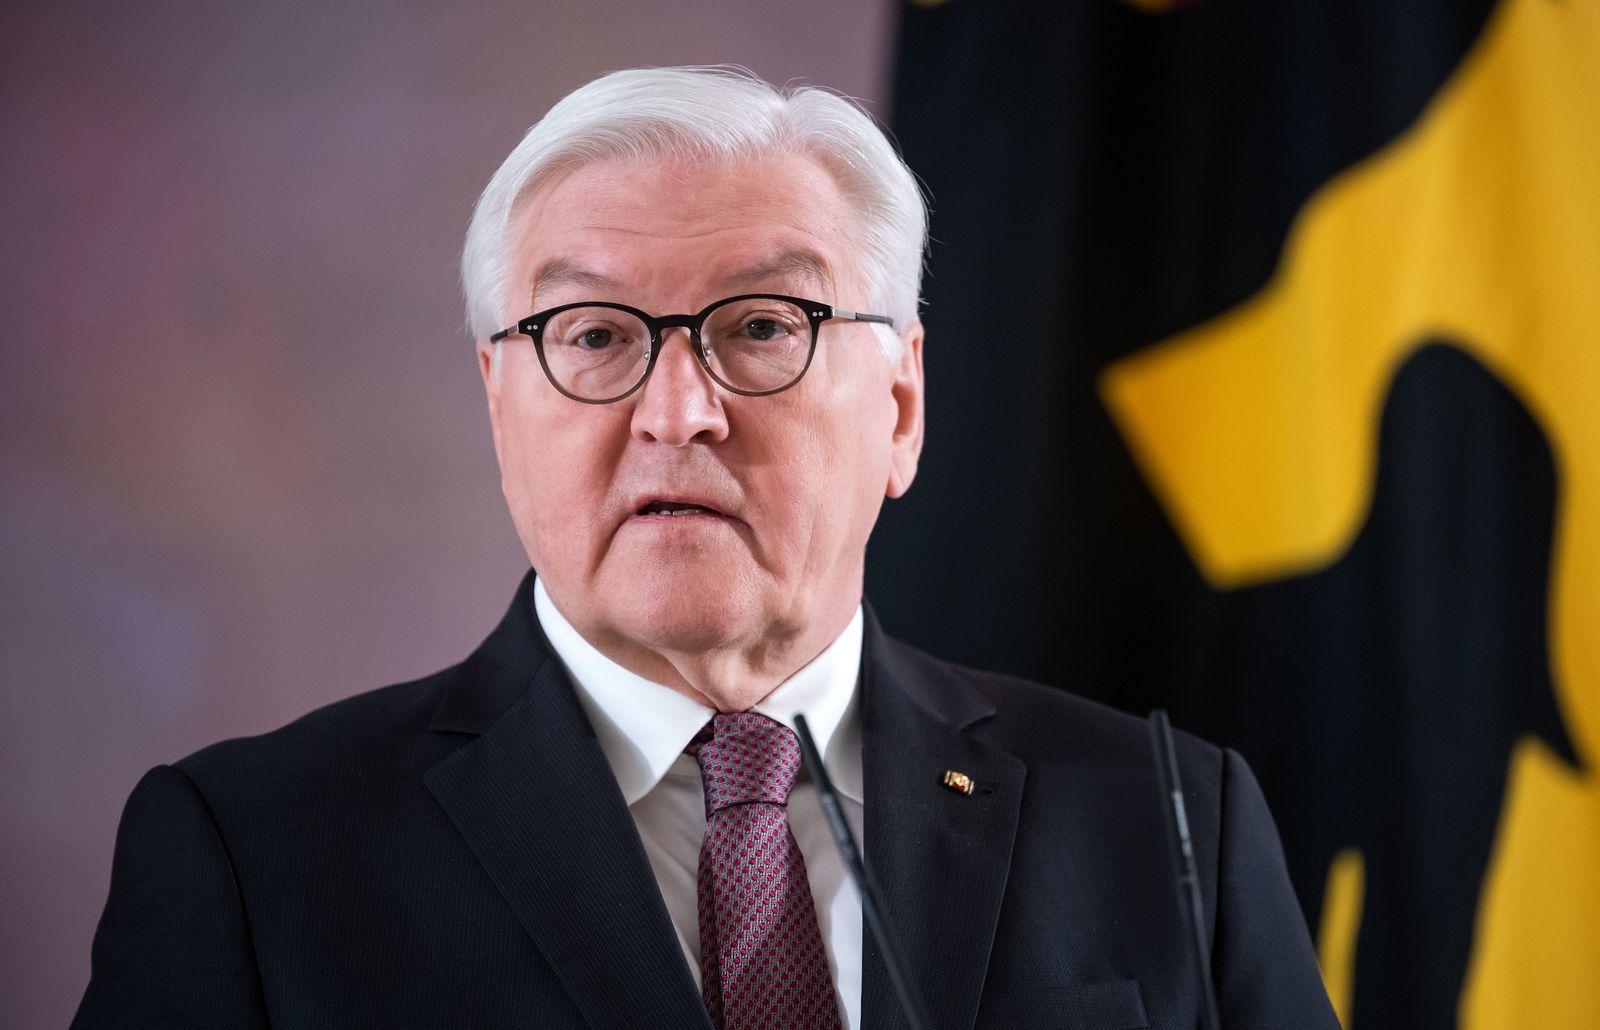 Pressestatement von Bundespräsident Steinmeier